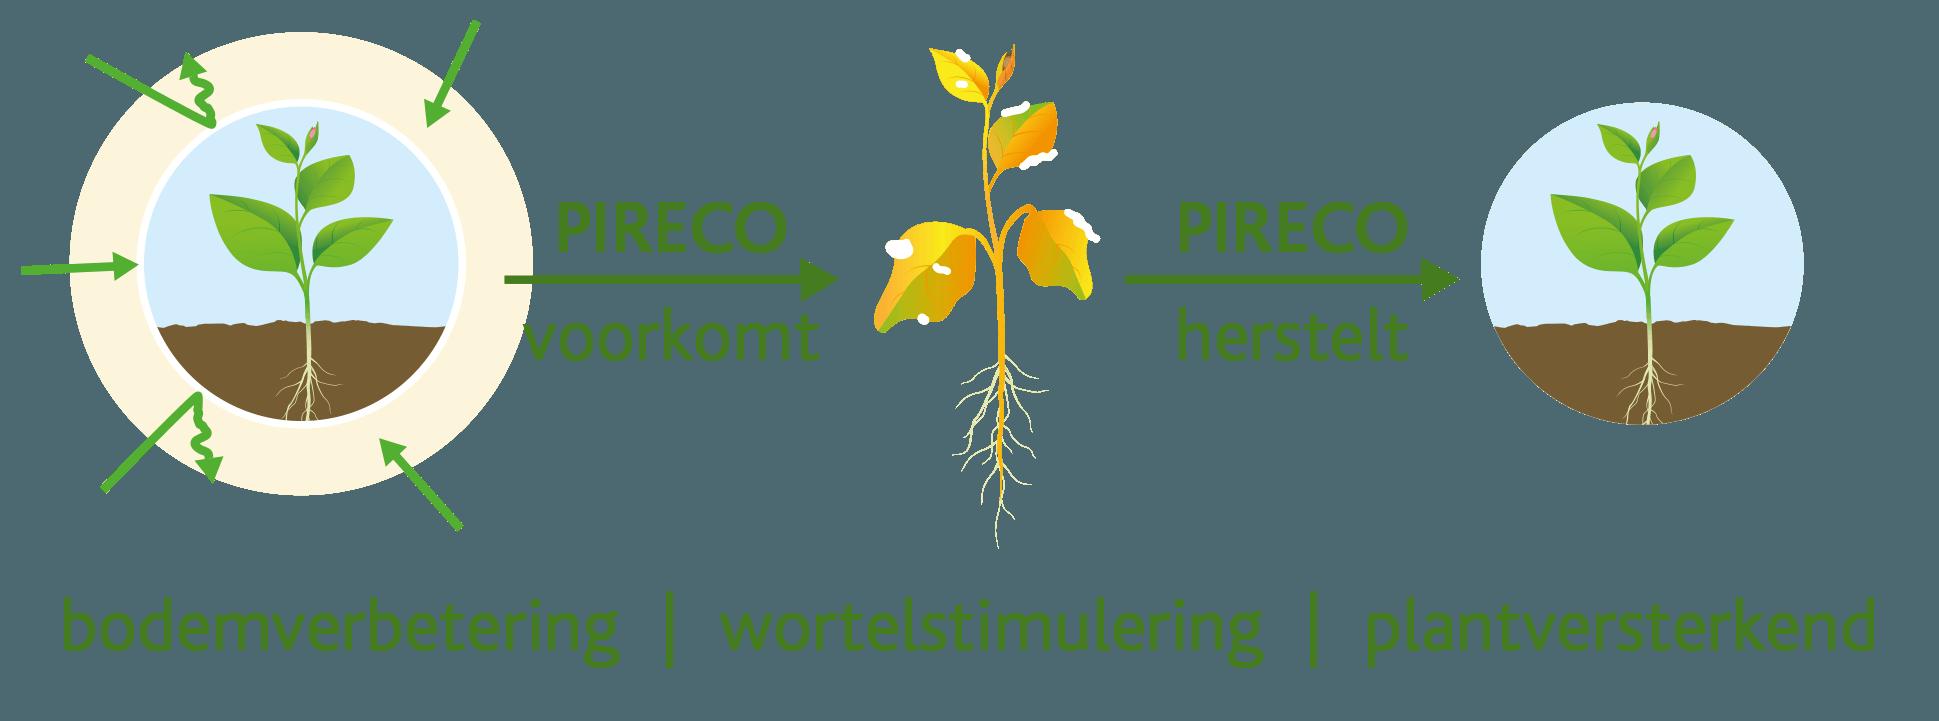 Pireco voorkomt & Pireco herstelt